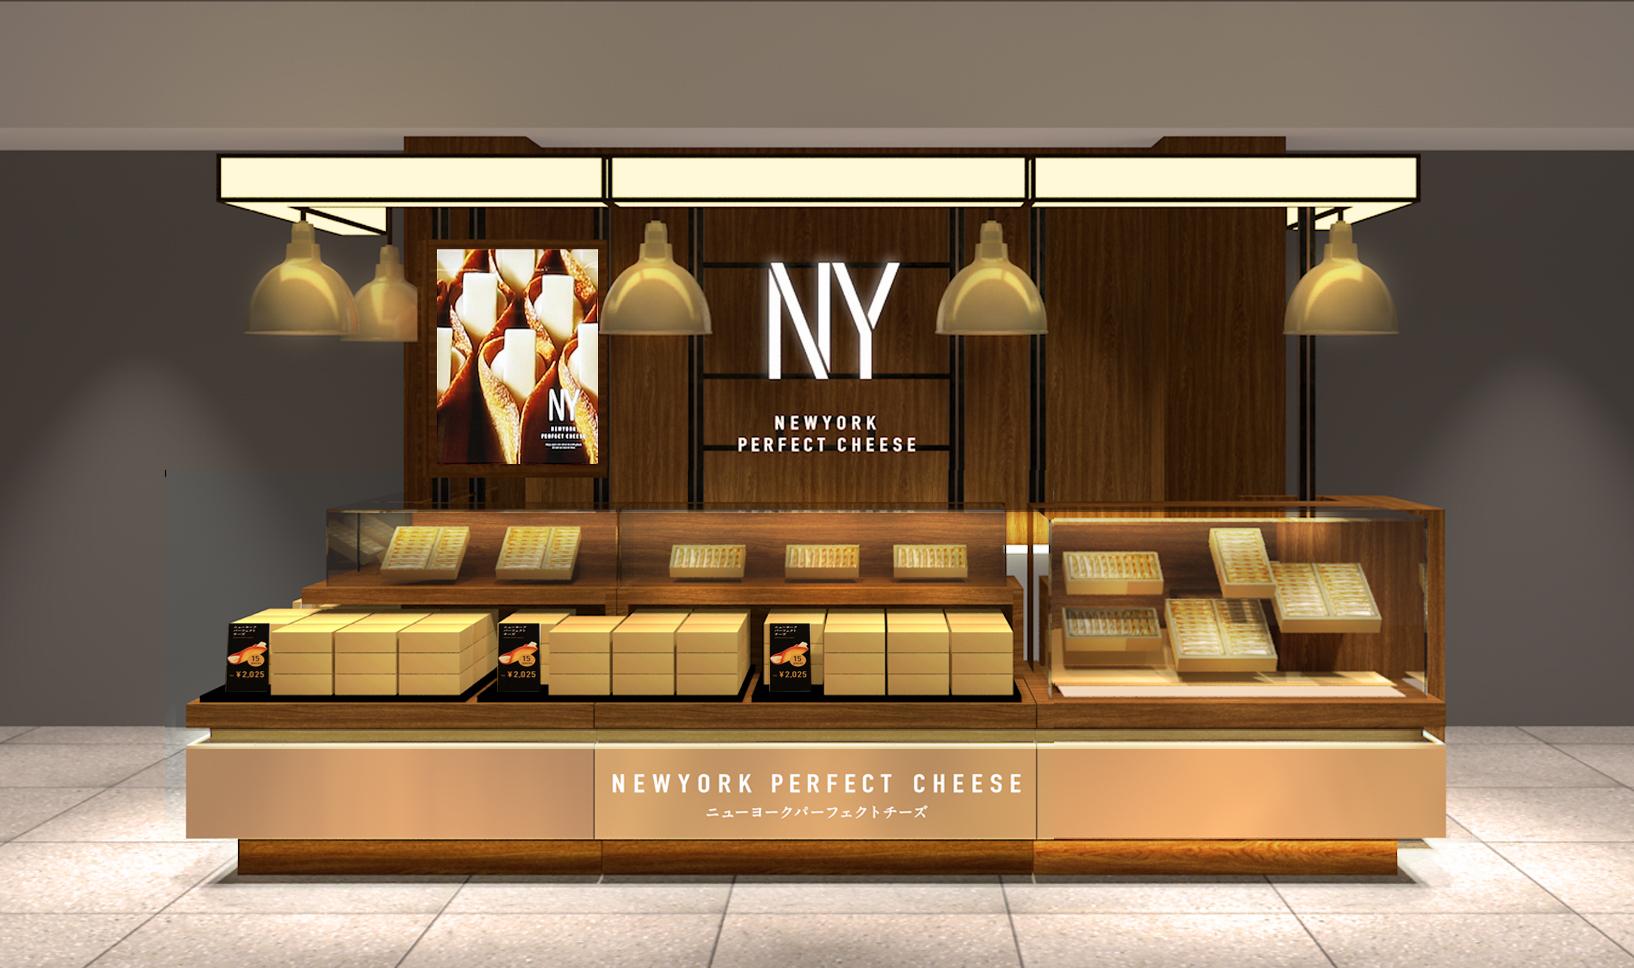 ニューヨークパーフェクトチーズ 羽田空港店